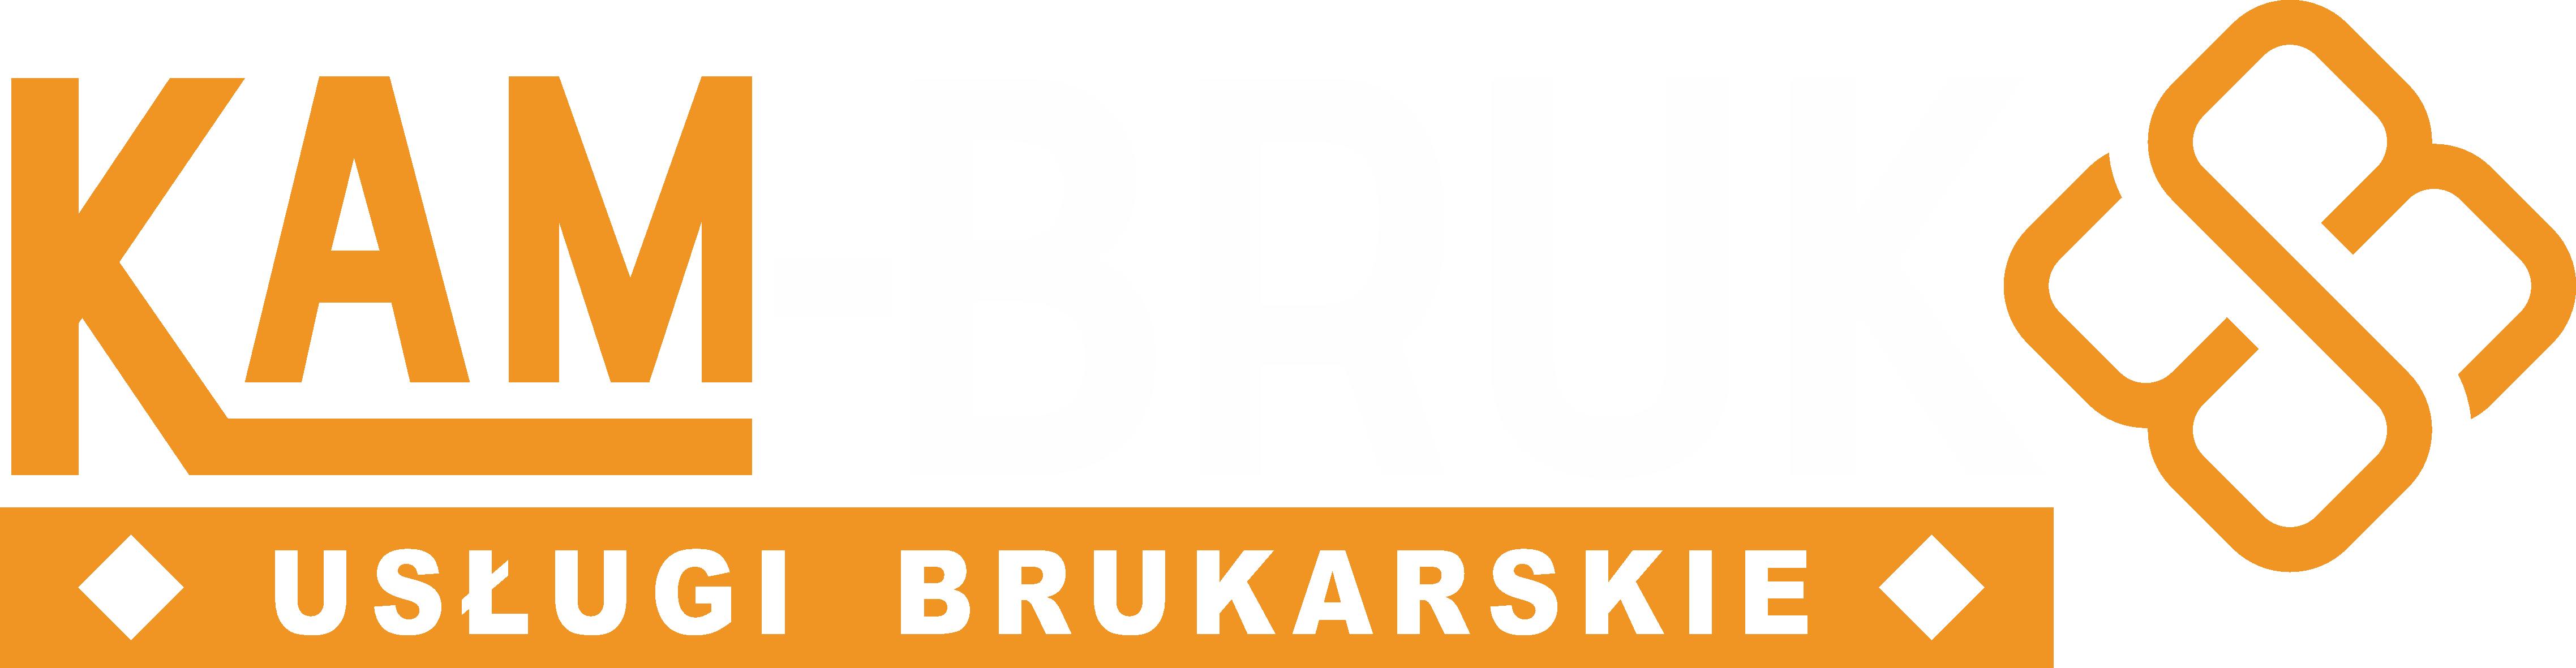 Kam-Bruk